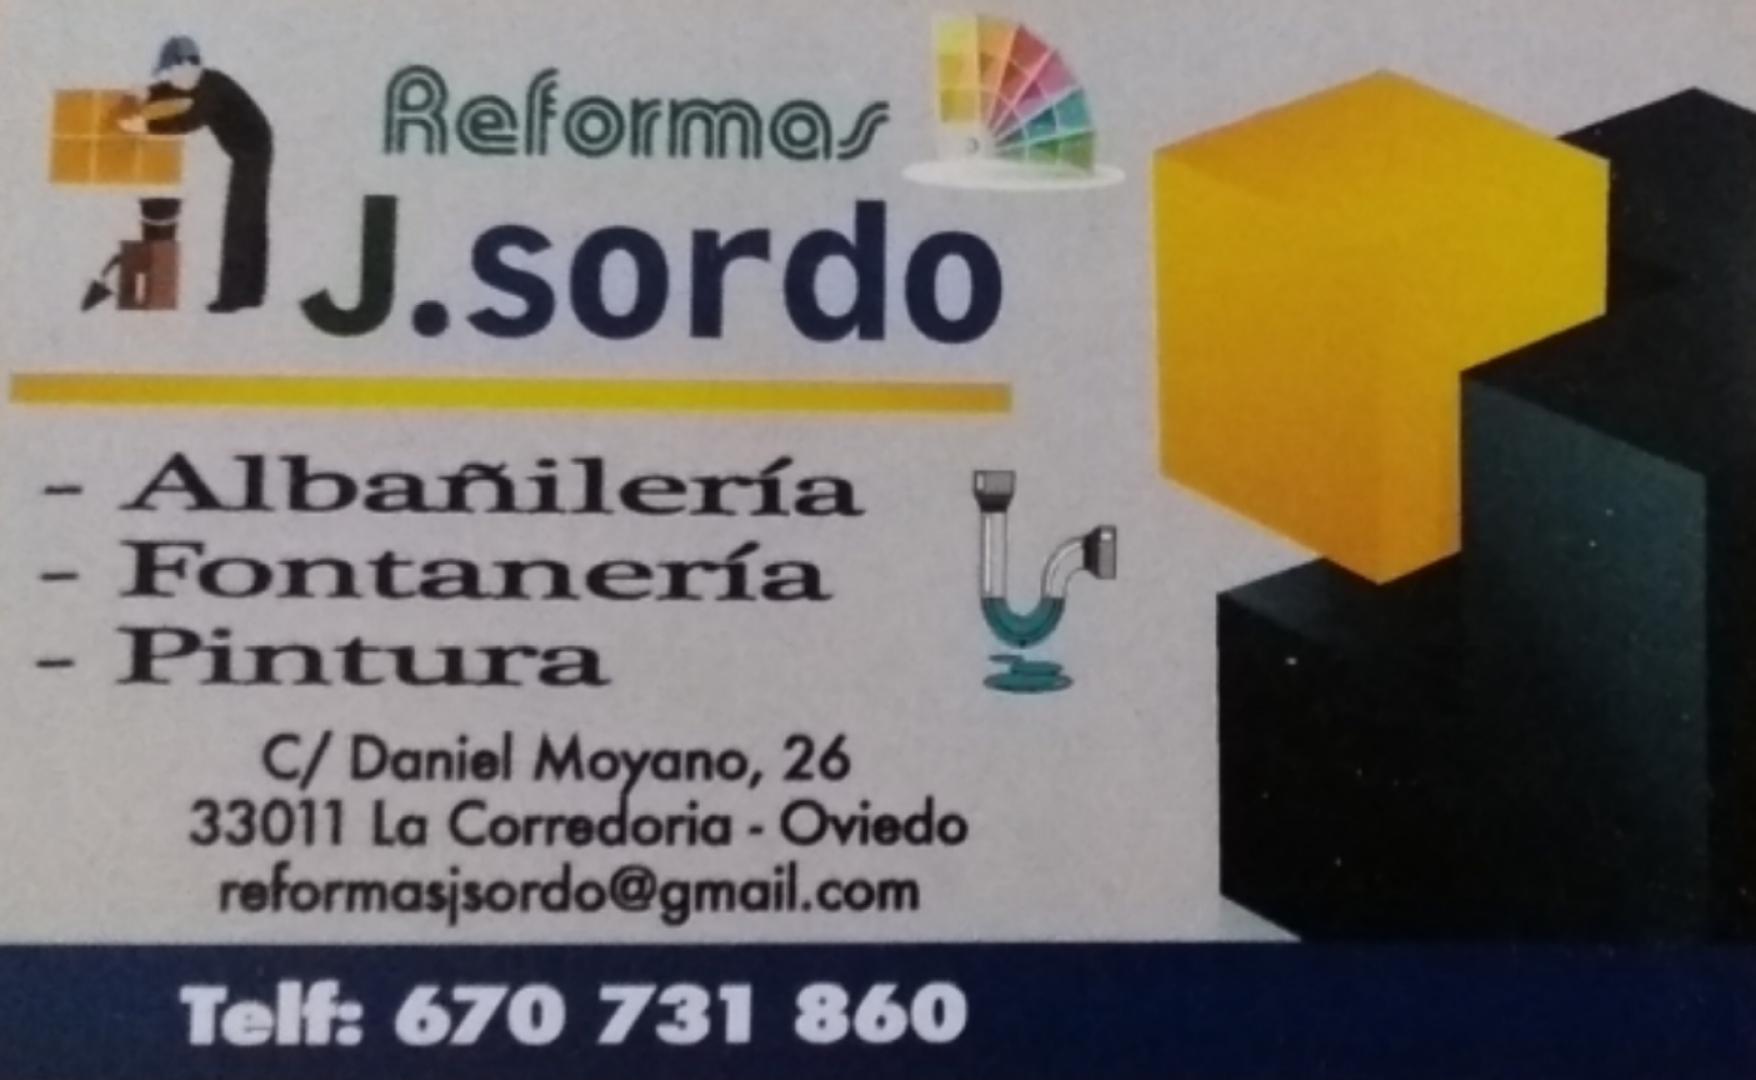 Albañilería Sordo